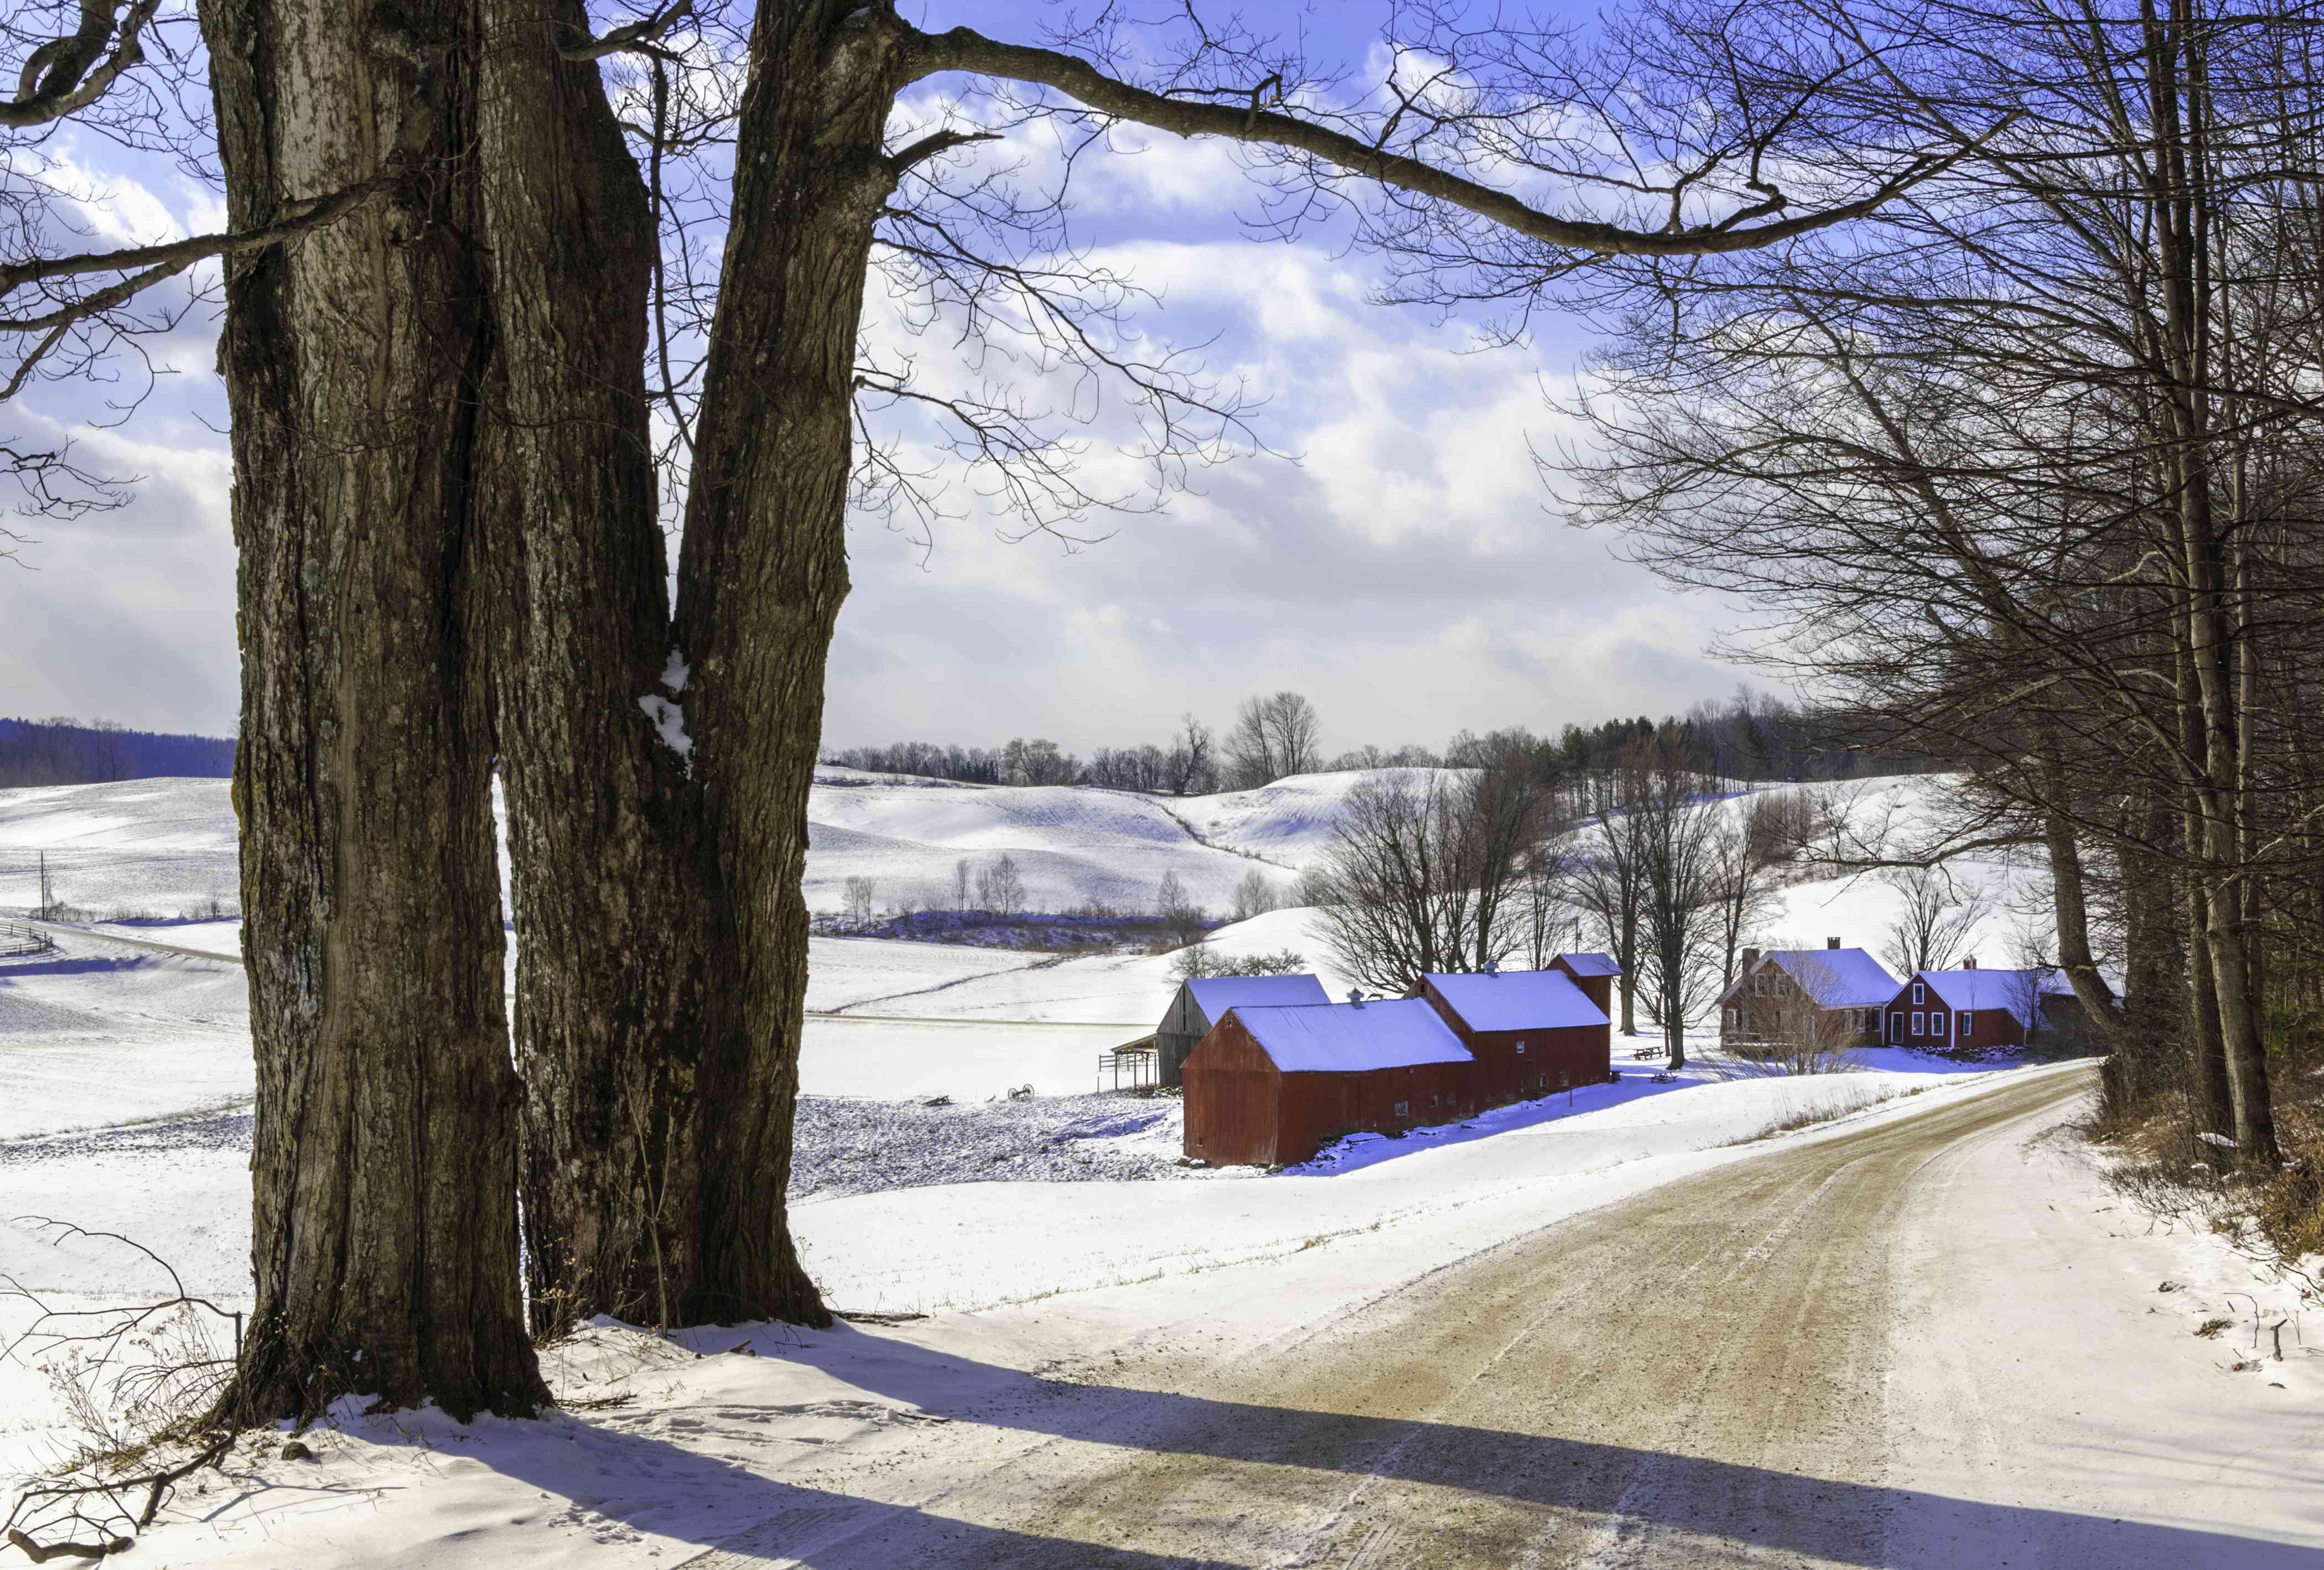 Vermont's Jenne Farm in Winter